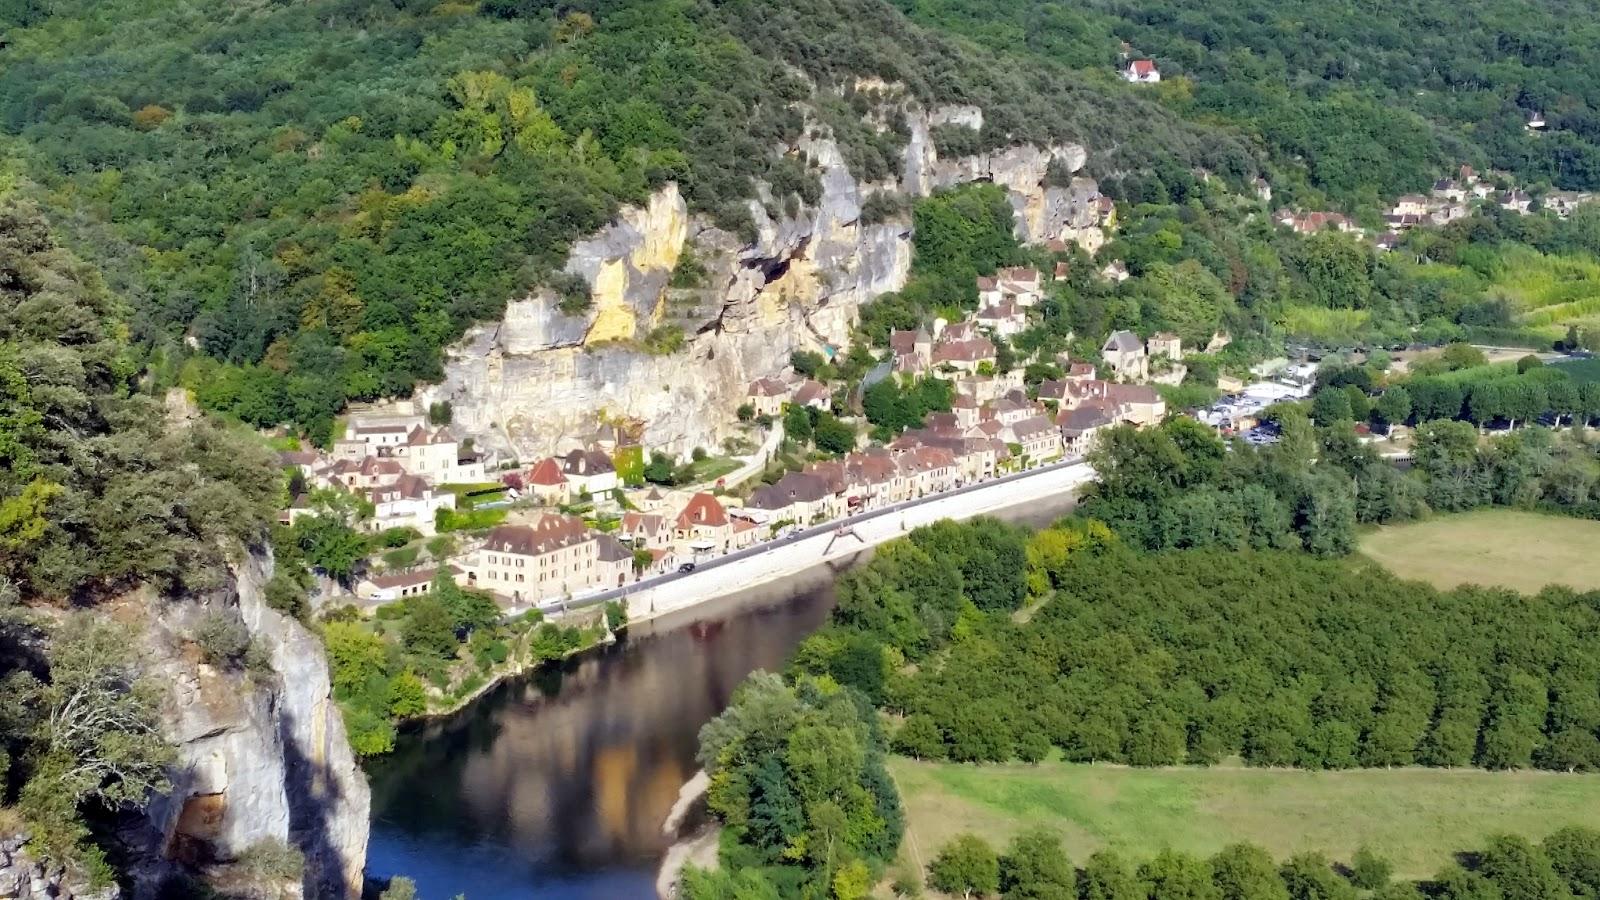 Plaisir en montagne tourisme dans le p rigord for Tourisme plaisir